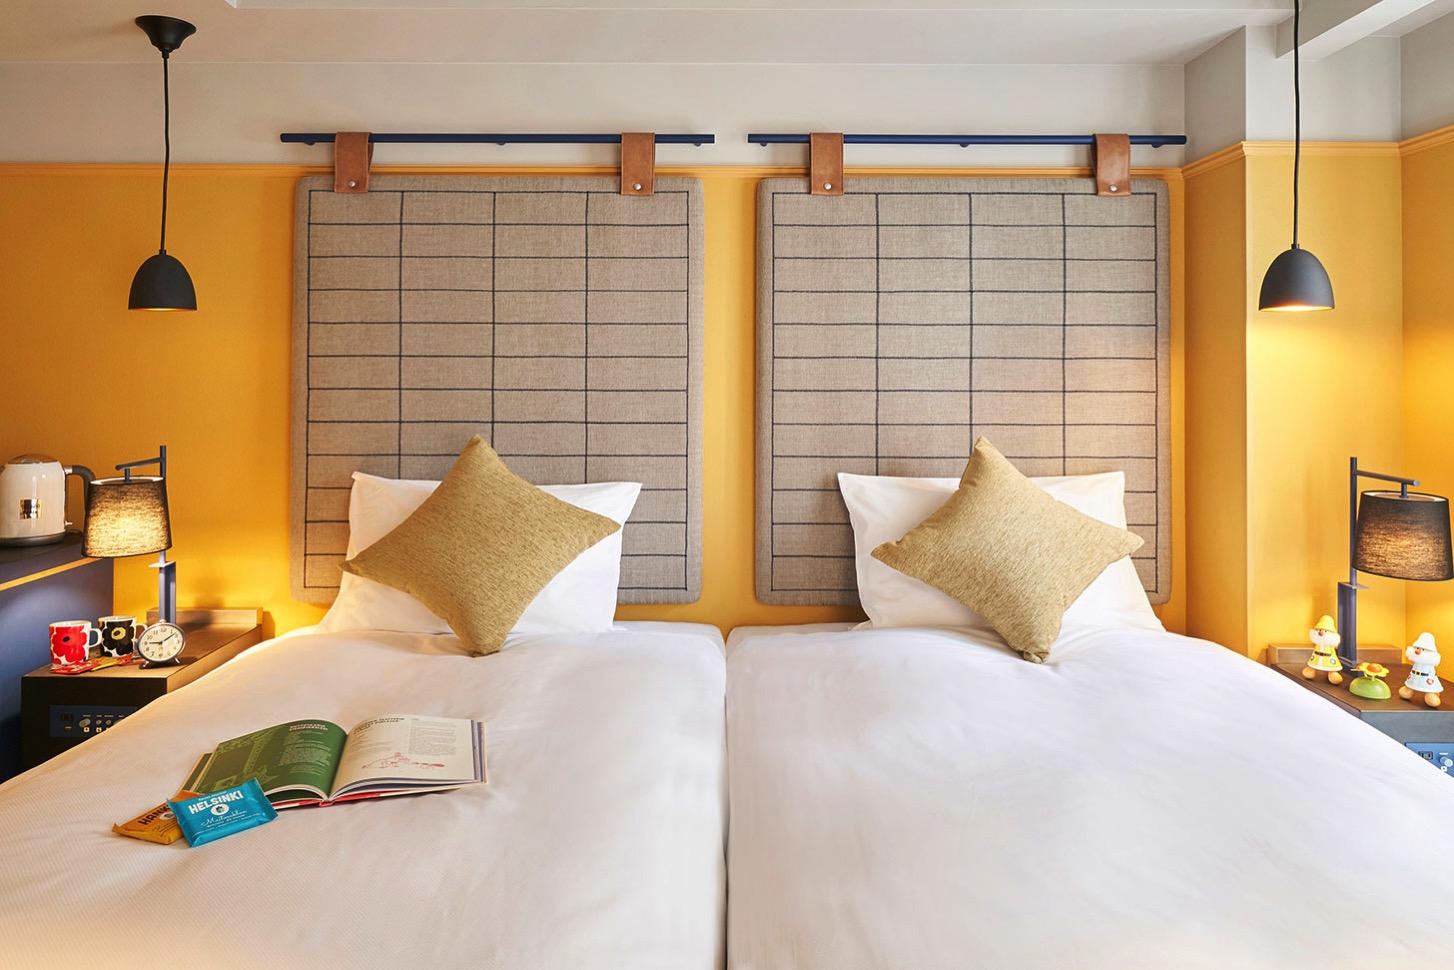 ホテルリソル横浜桜木町がみなとみらいにオープン!レストランにイル・キャンティ チェリエ